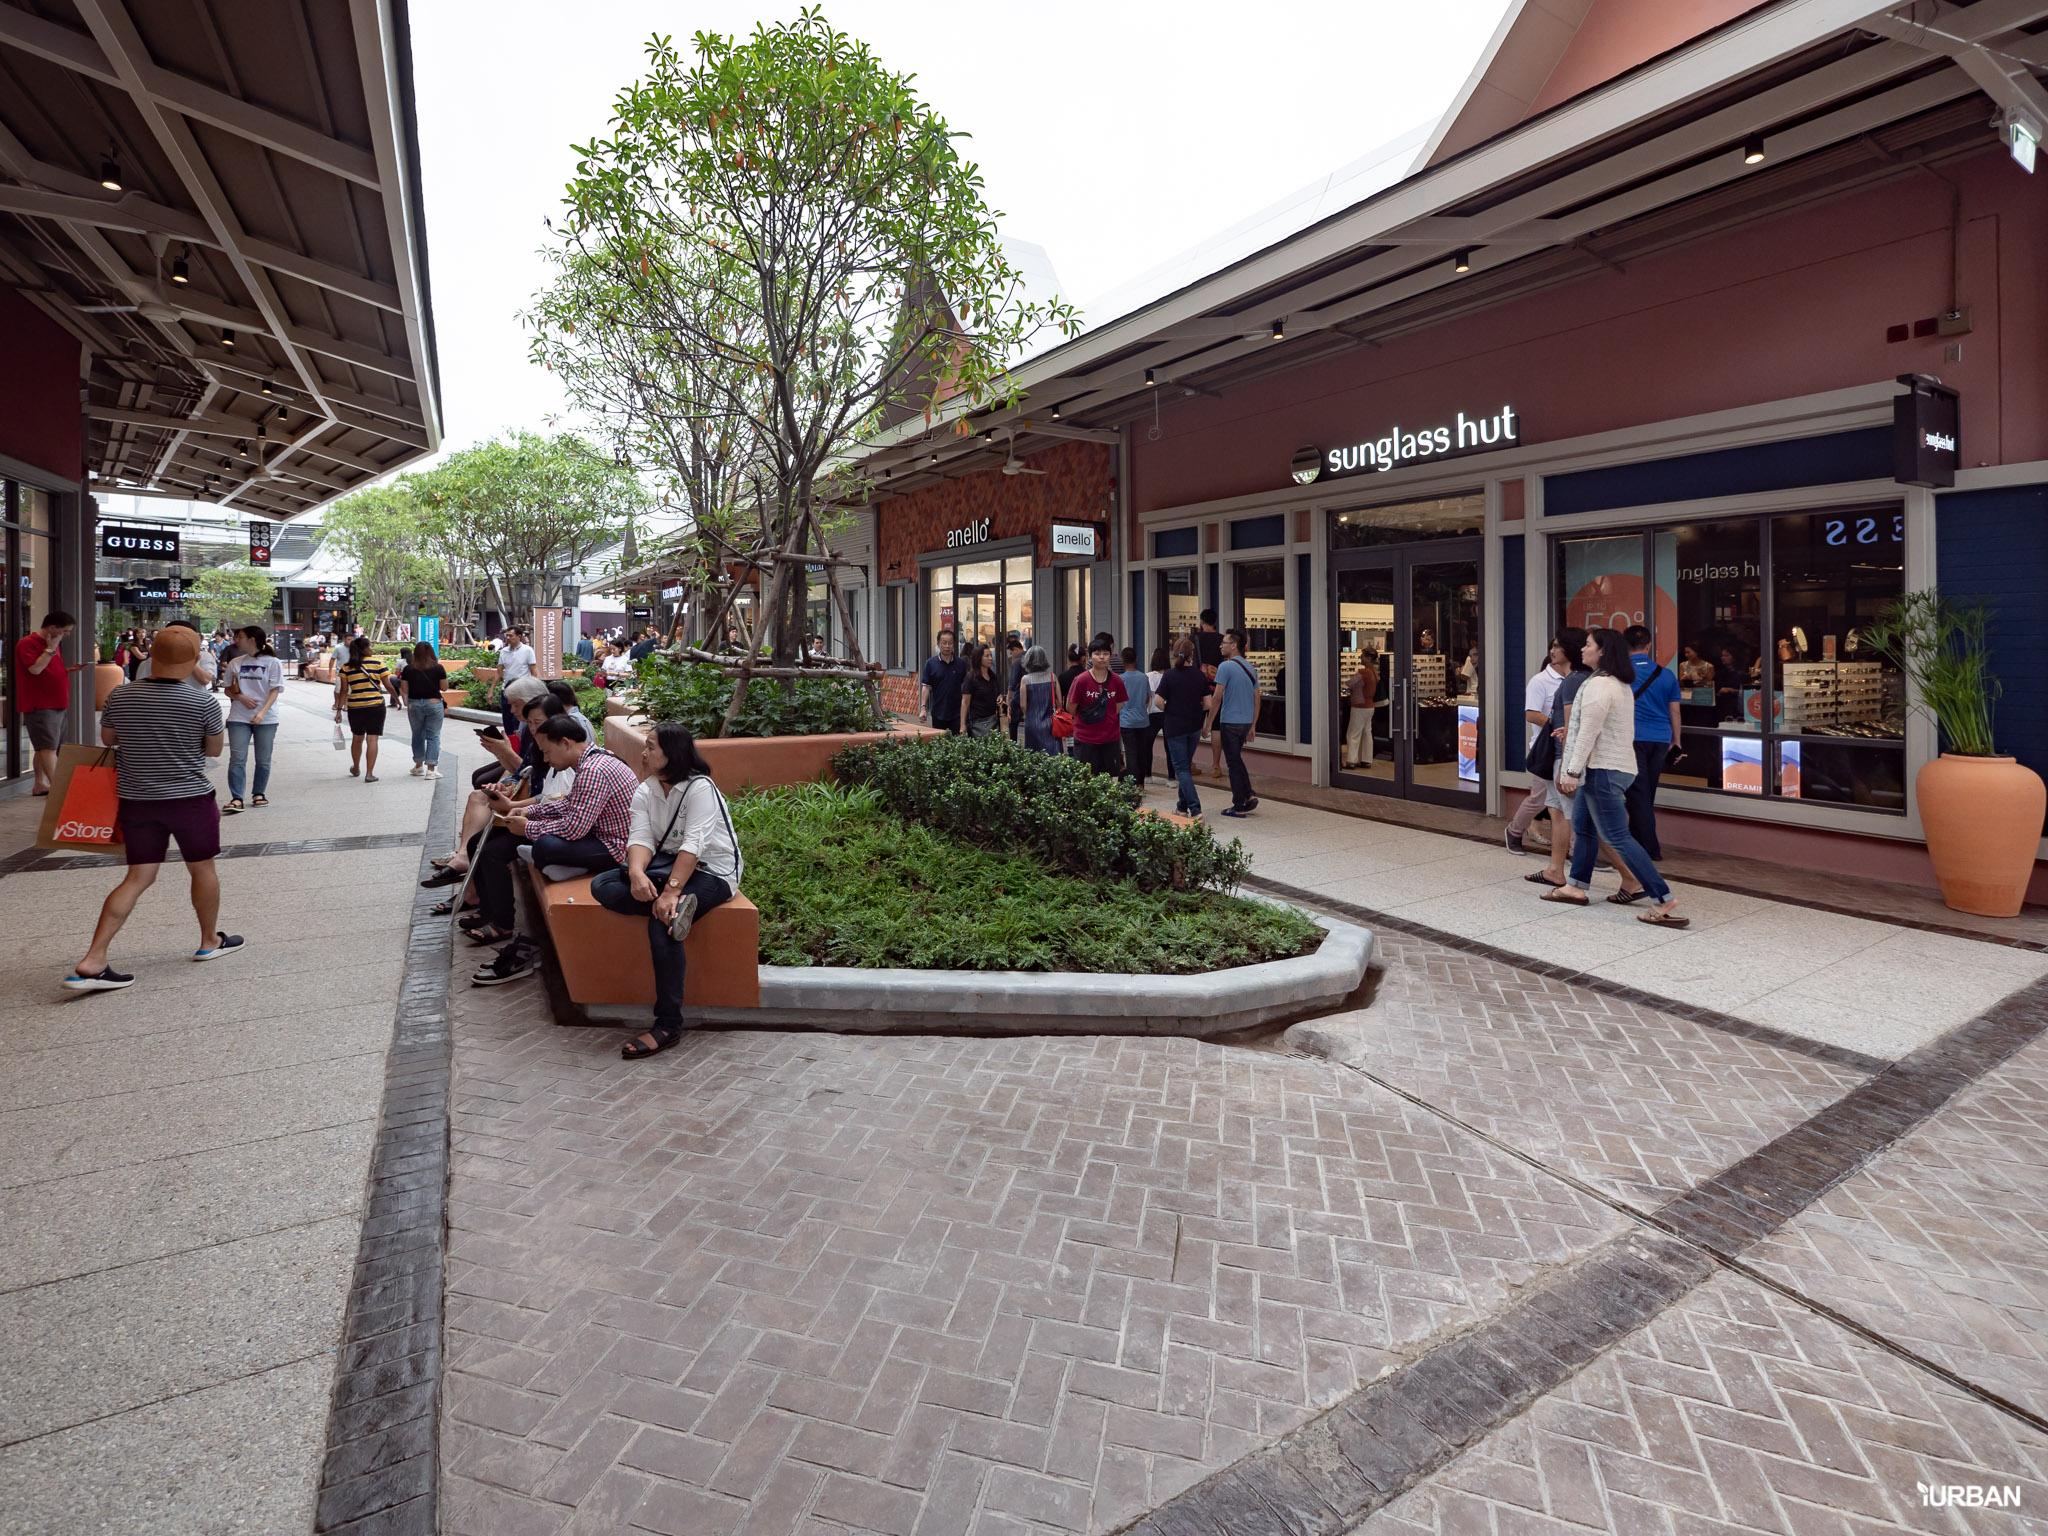 14 เรื่องของ Central Village โปรเจคใหม่ Luxury Outlet แห่งแรกของไทยที่คุณควรรู้ #พร้อมภาพวันเปิดตัว 59 - Central